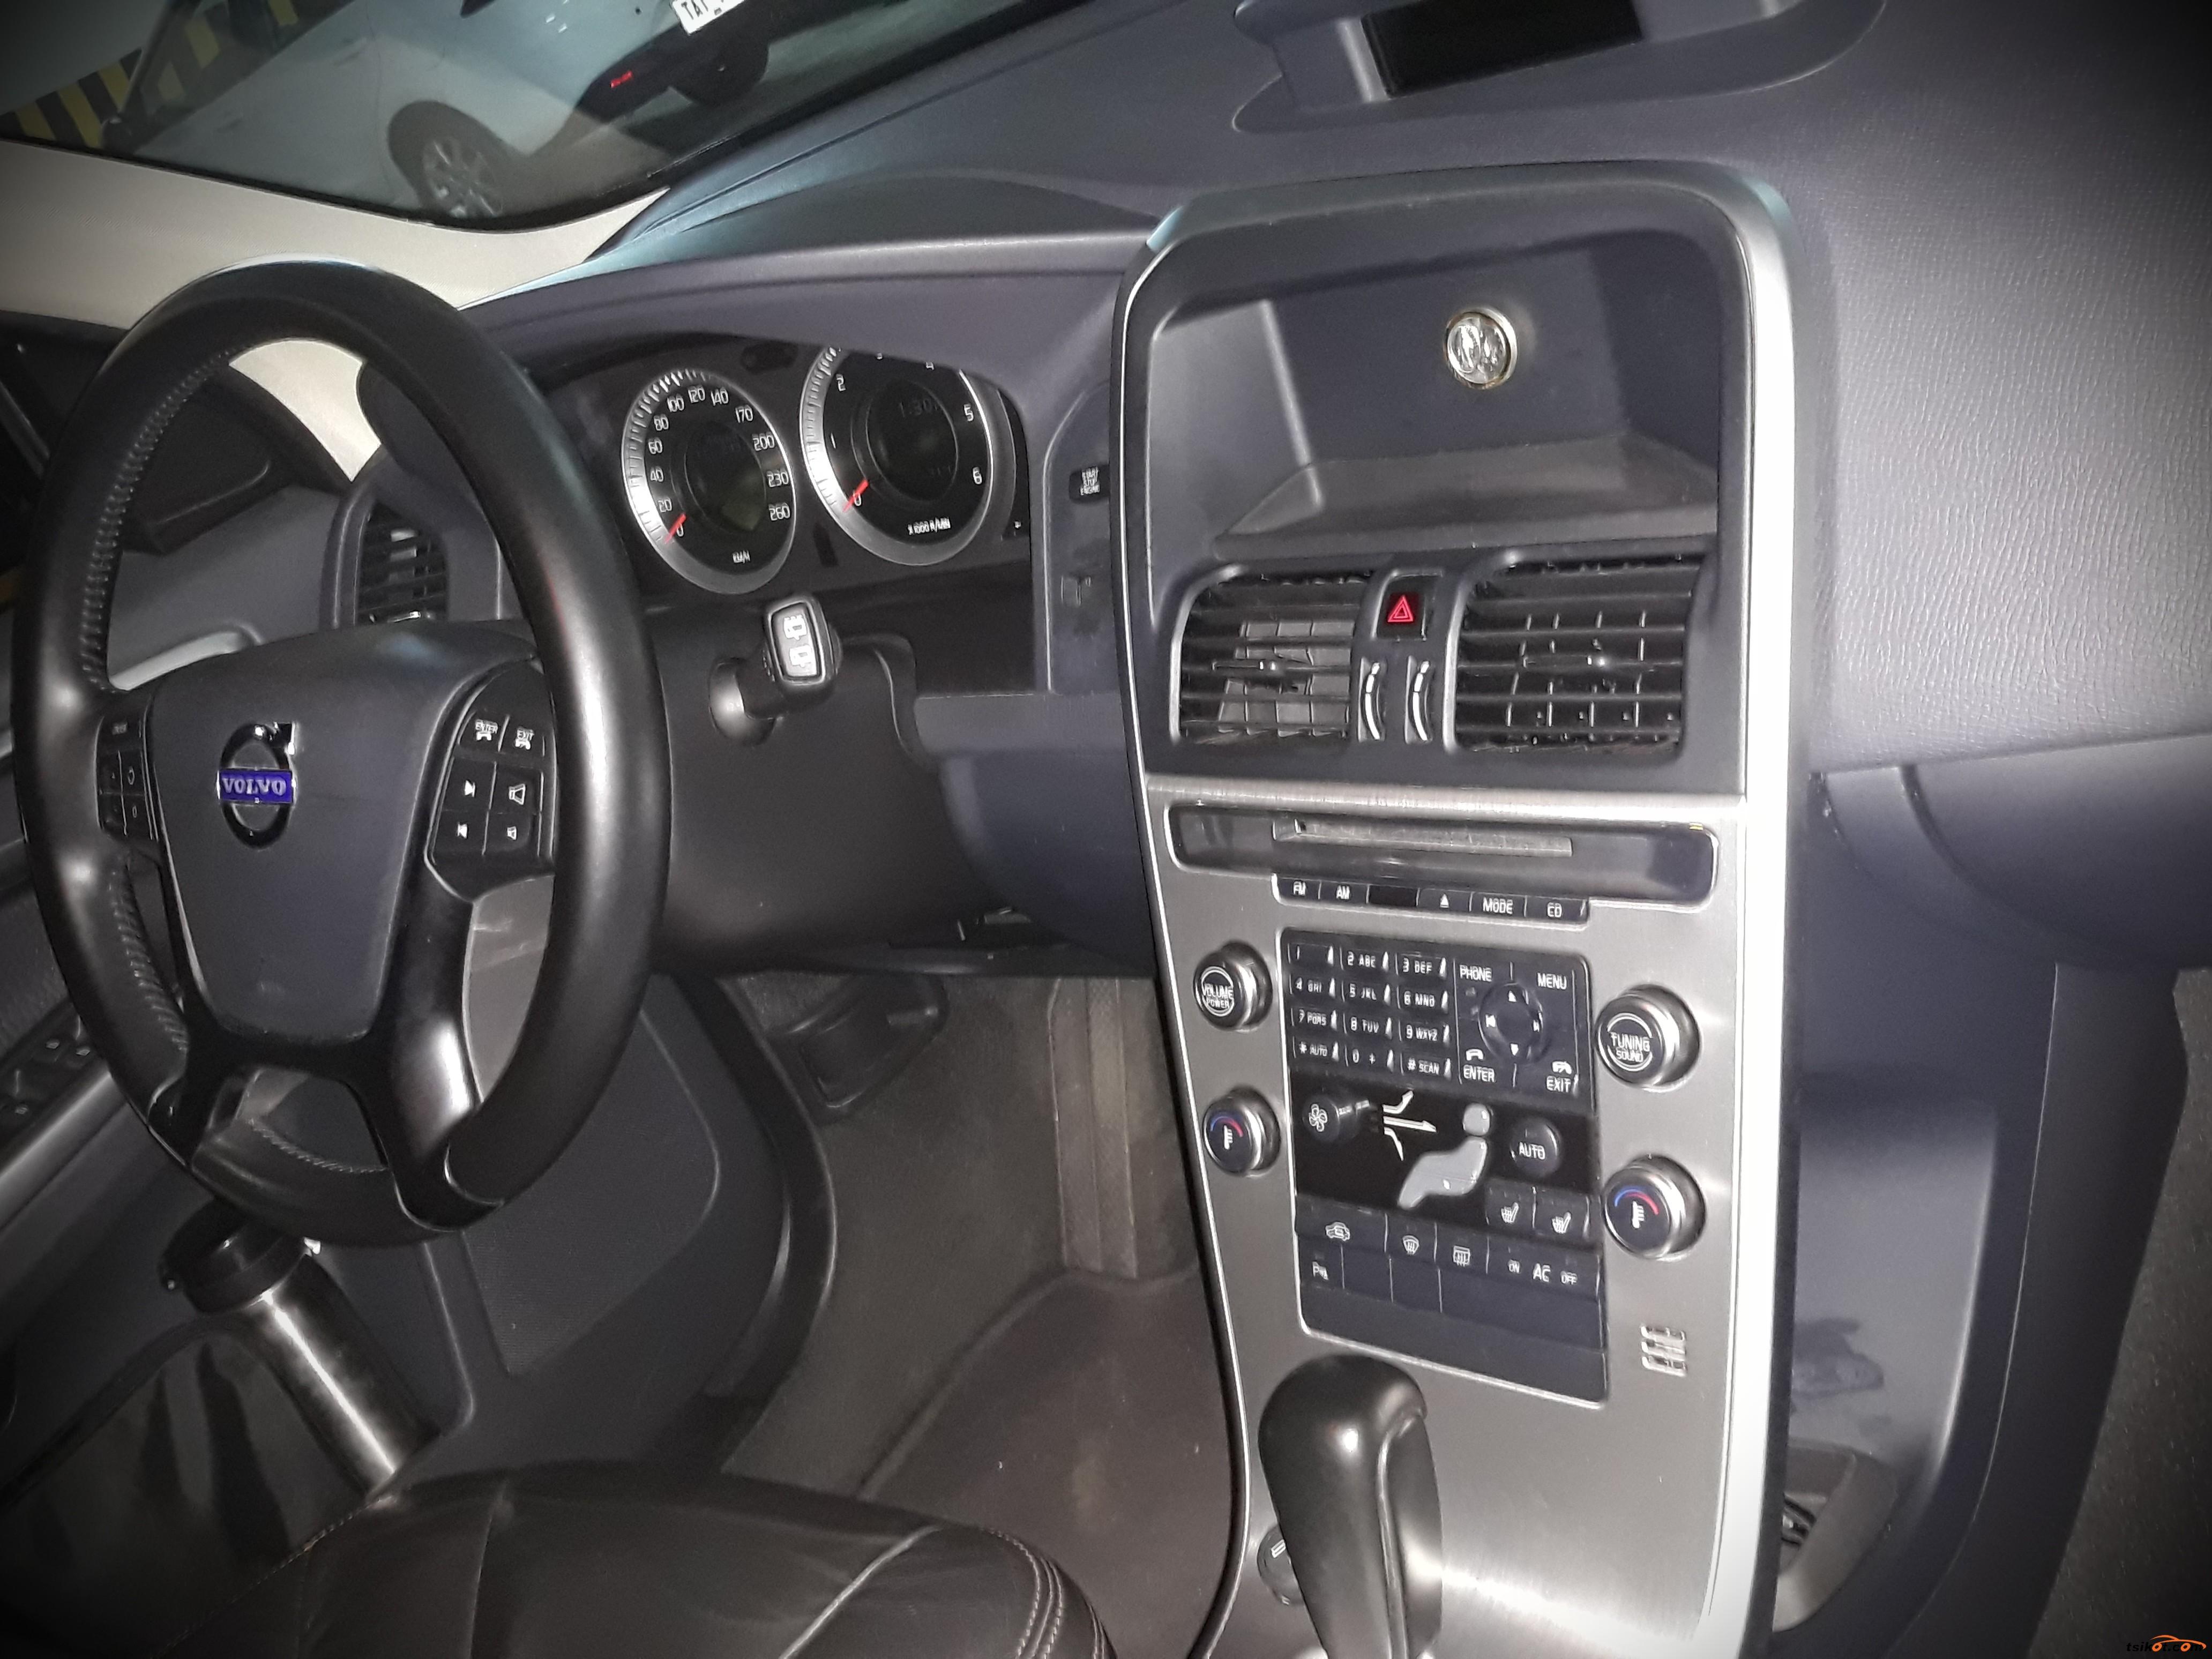 Volvo Xc60 2010 - 4